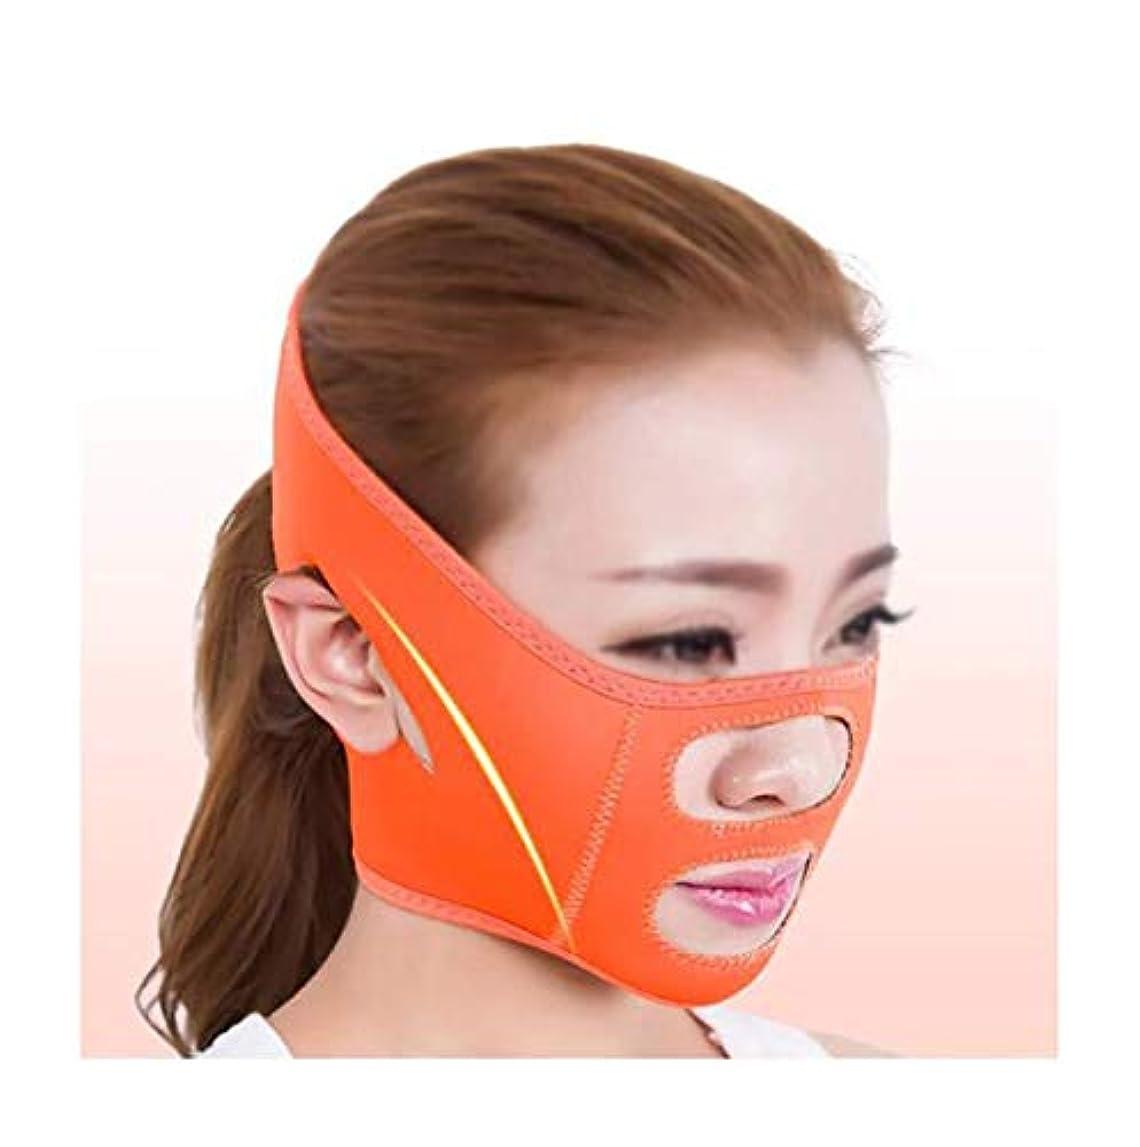 スプーンインポート高揚したファーミングフェイスマスク、術後リフティングマスクホーム包帯揺れネットワーク赤女性Vフェイスステッカーストラップ楽器顔アーティファクト(色:青),オレンジ